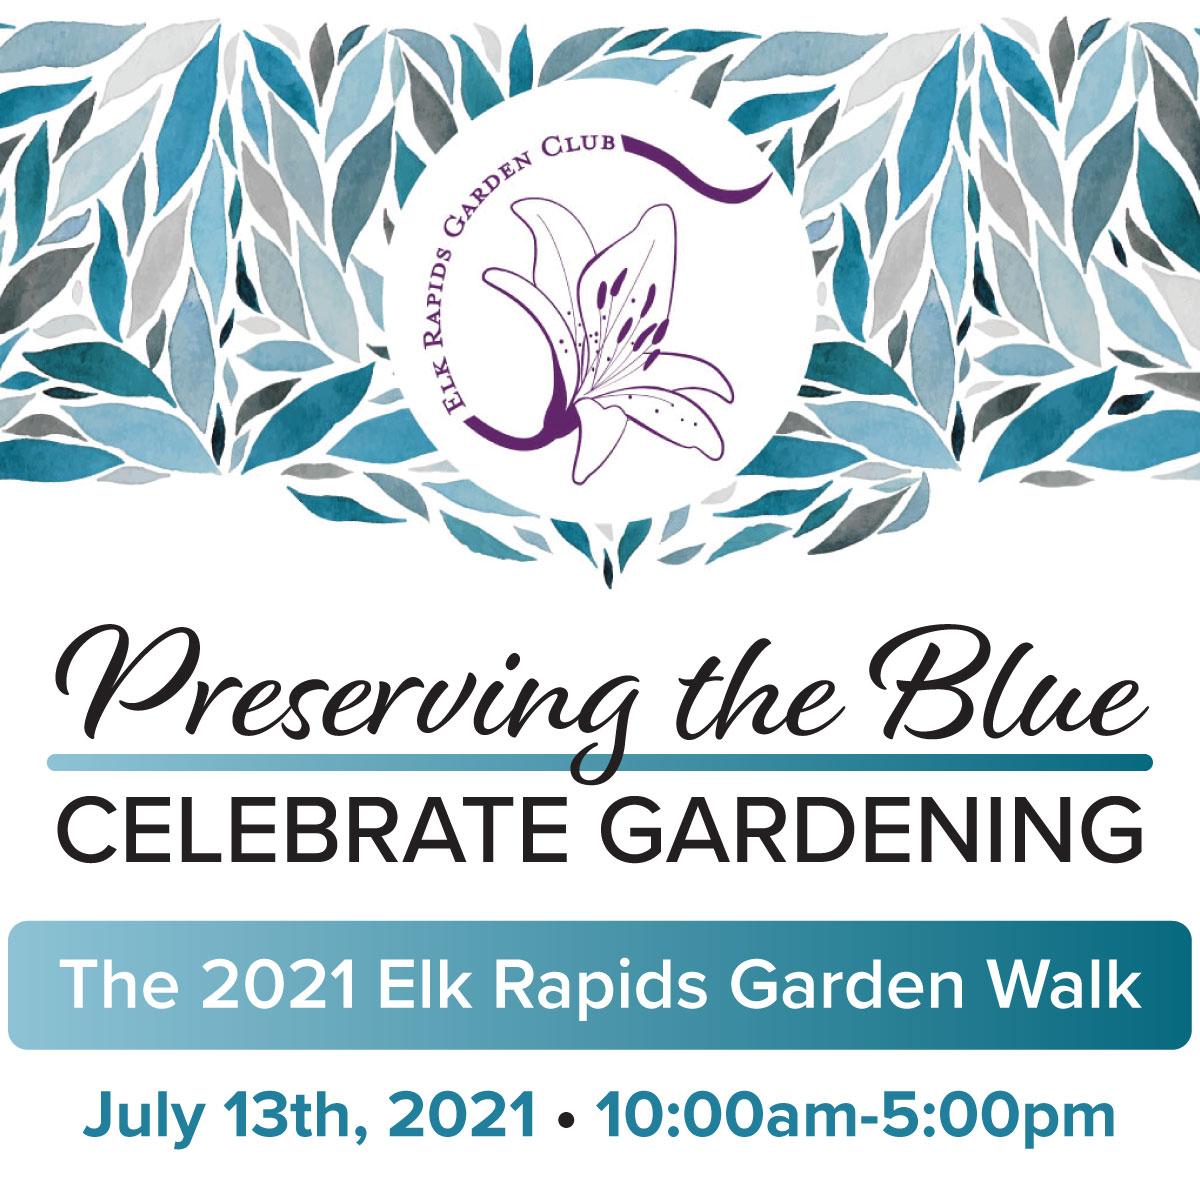 Elk Rapids Garden Walk 2021